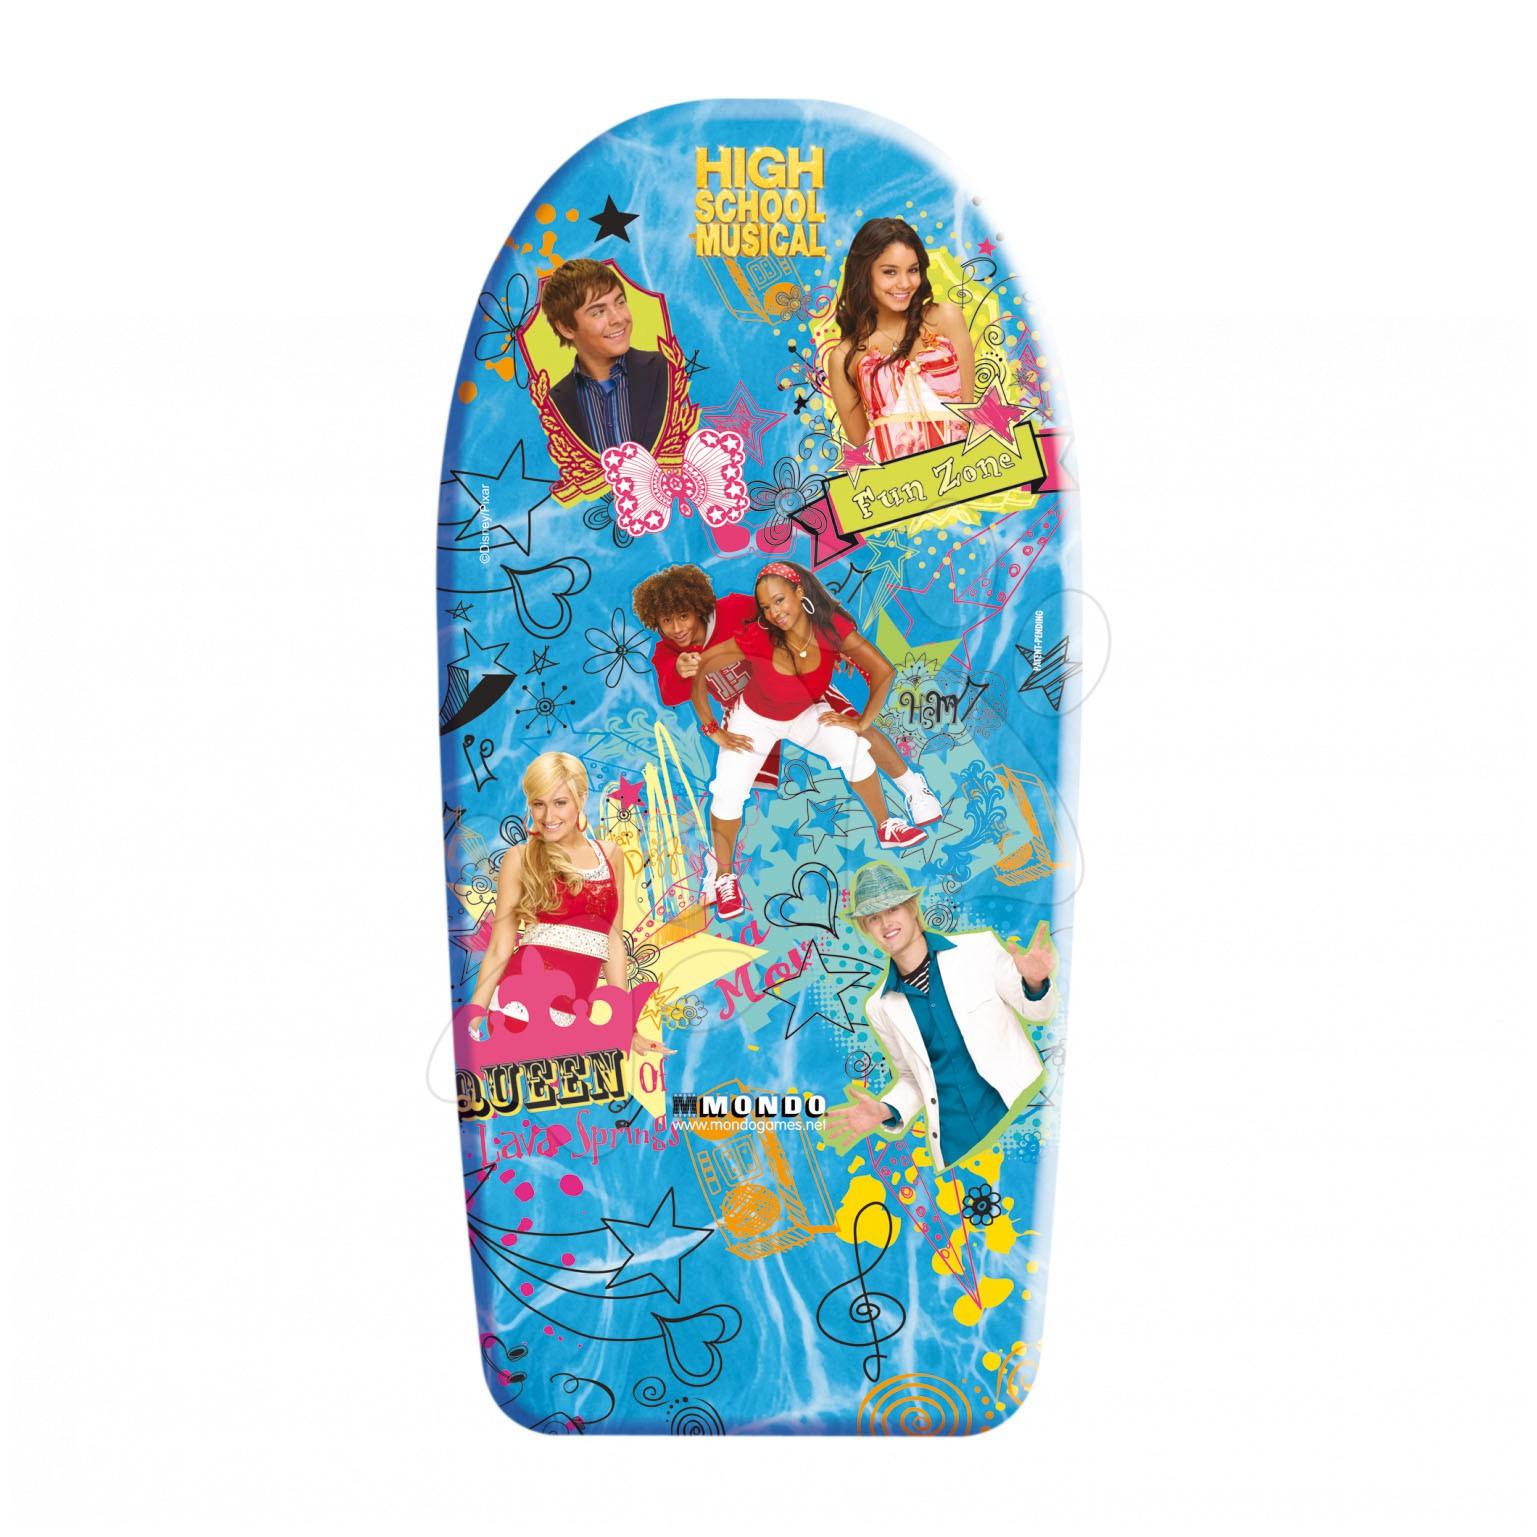 Régi termékek - Habszivacs úszódeszka High School Musical Mondo 84 cm 3